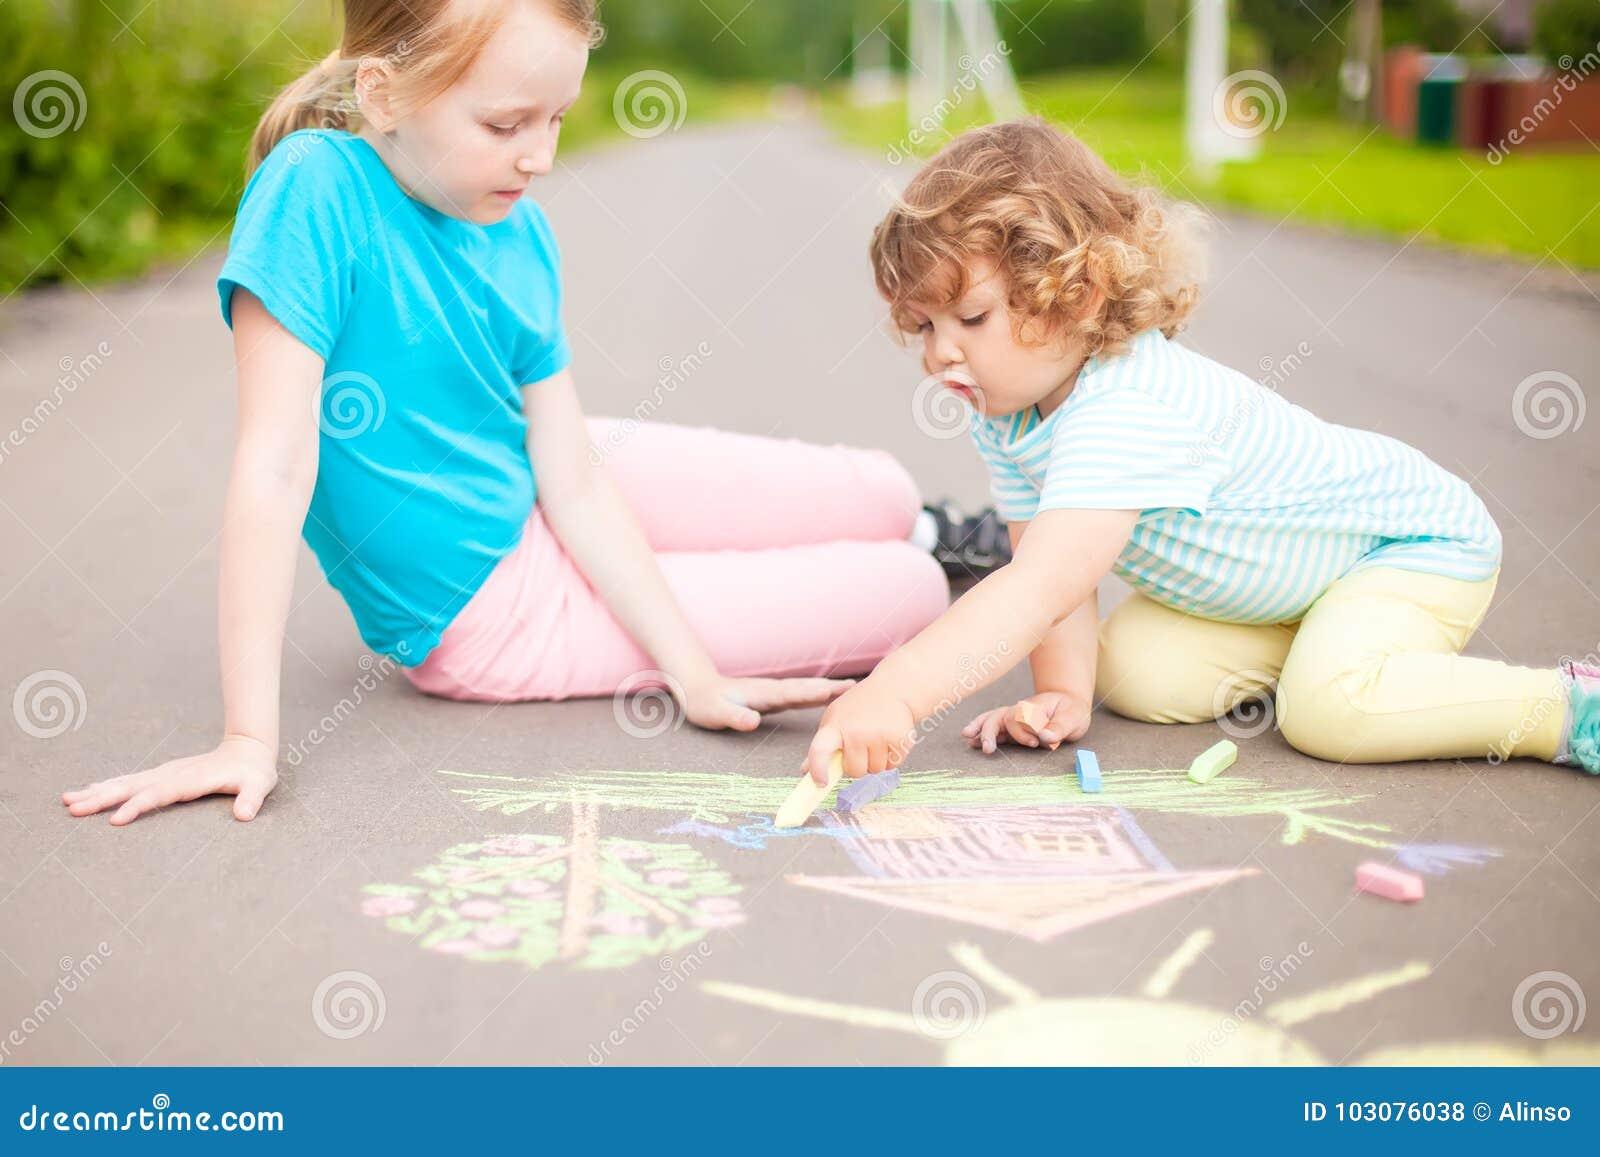 Drenaje De Las Pequeñas Hermanas Con Tiza Del Color Al Aire Libre